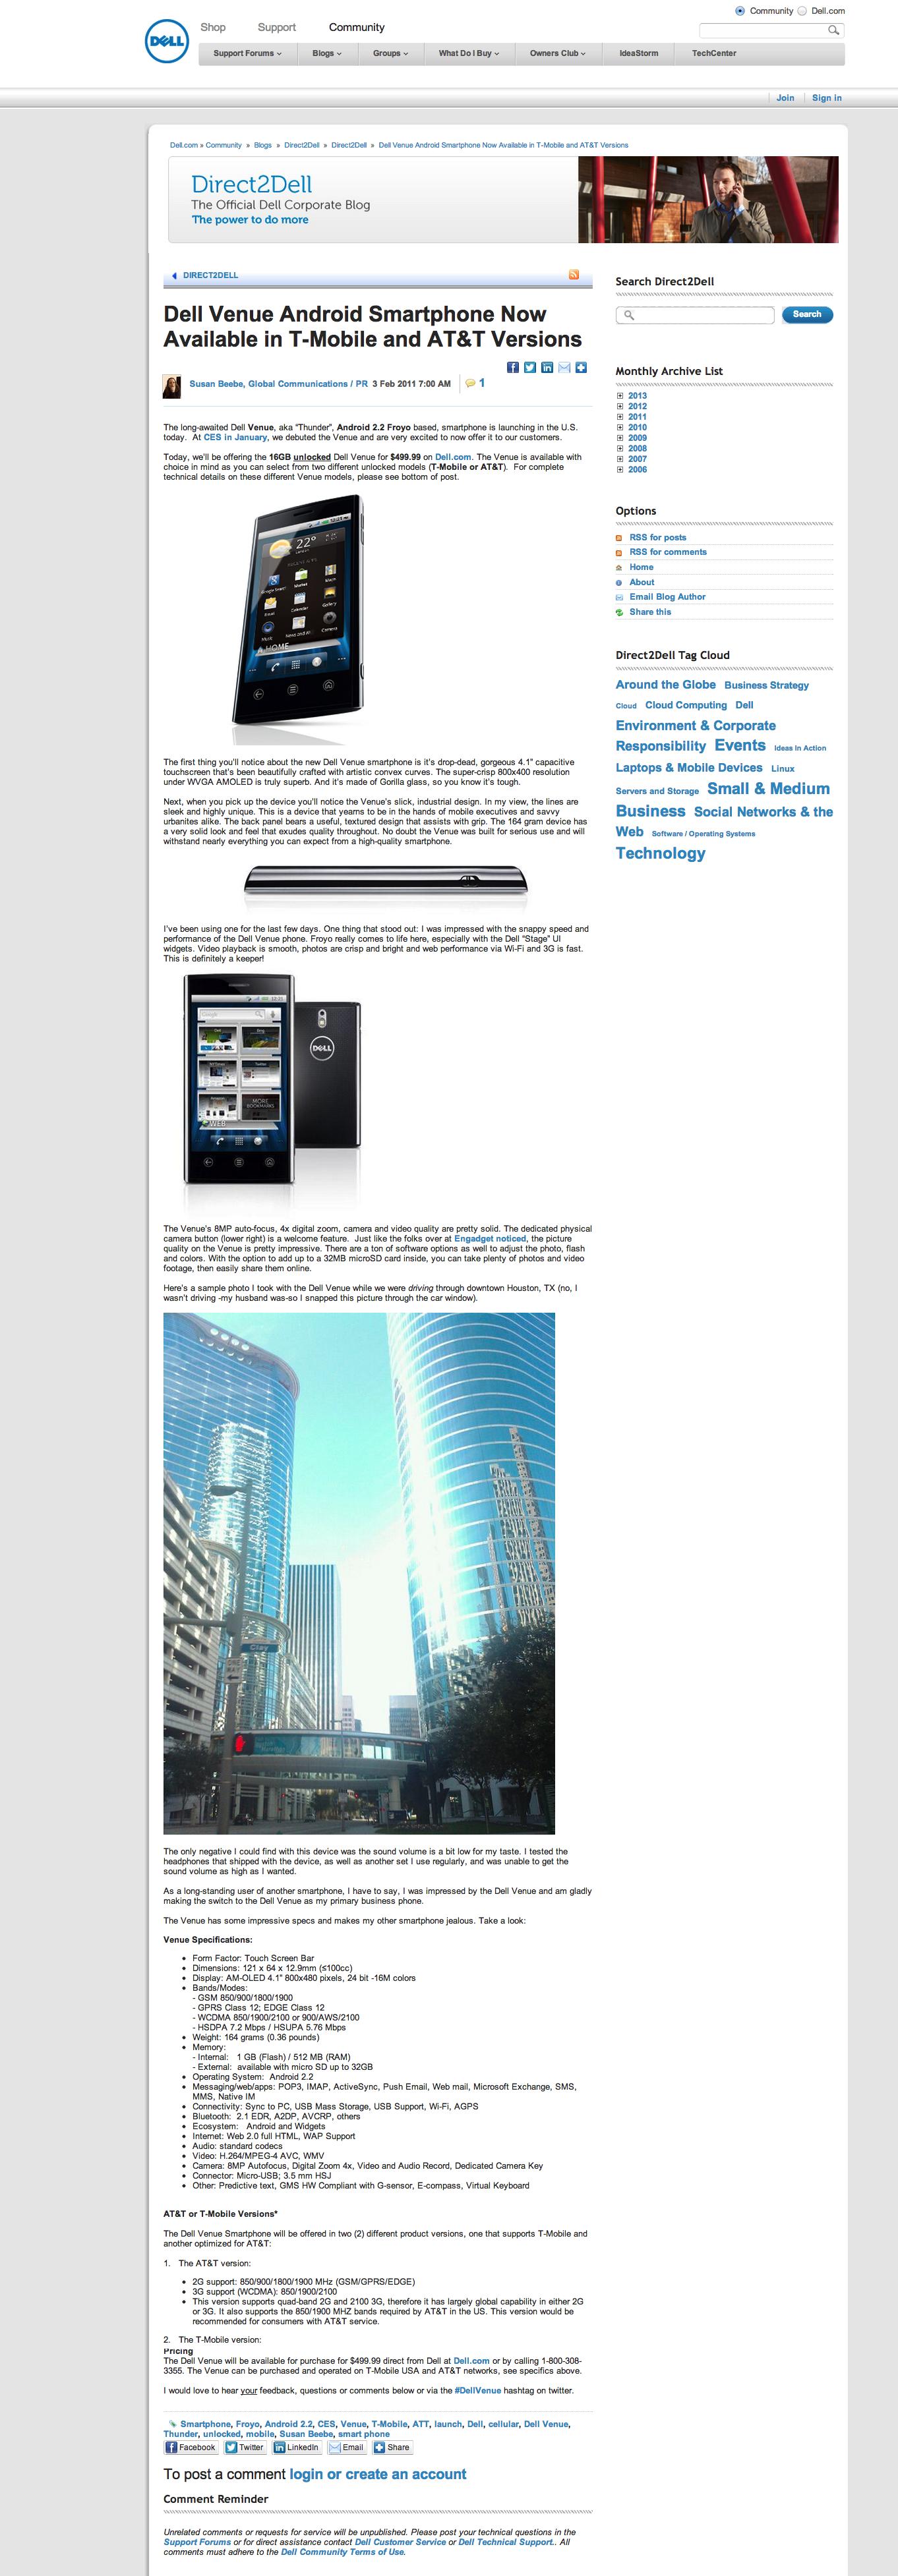 Dell Venue launch blog post